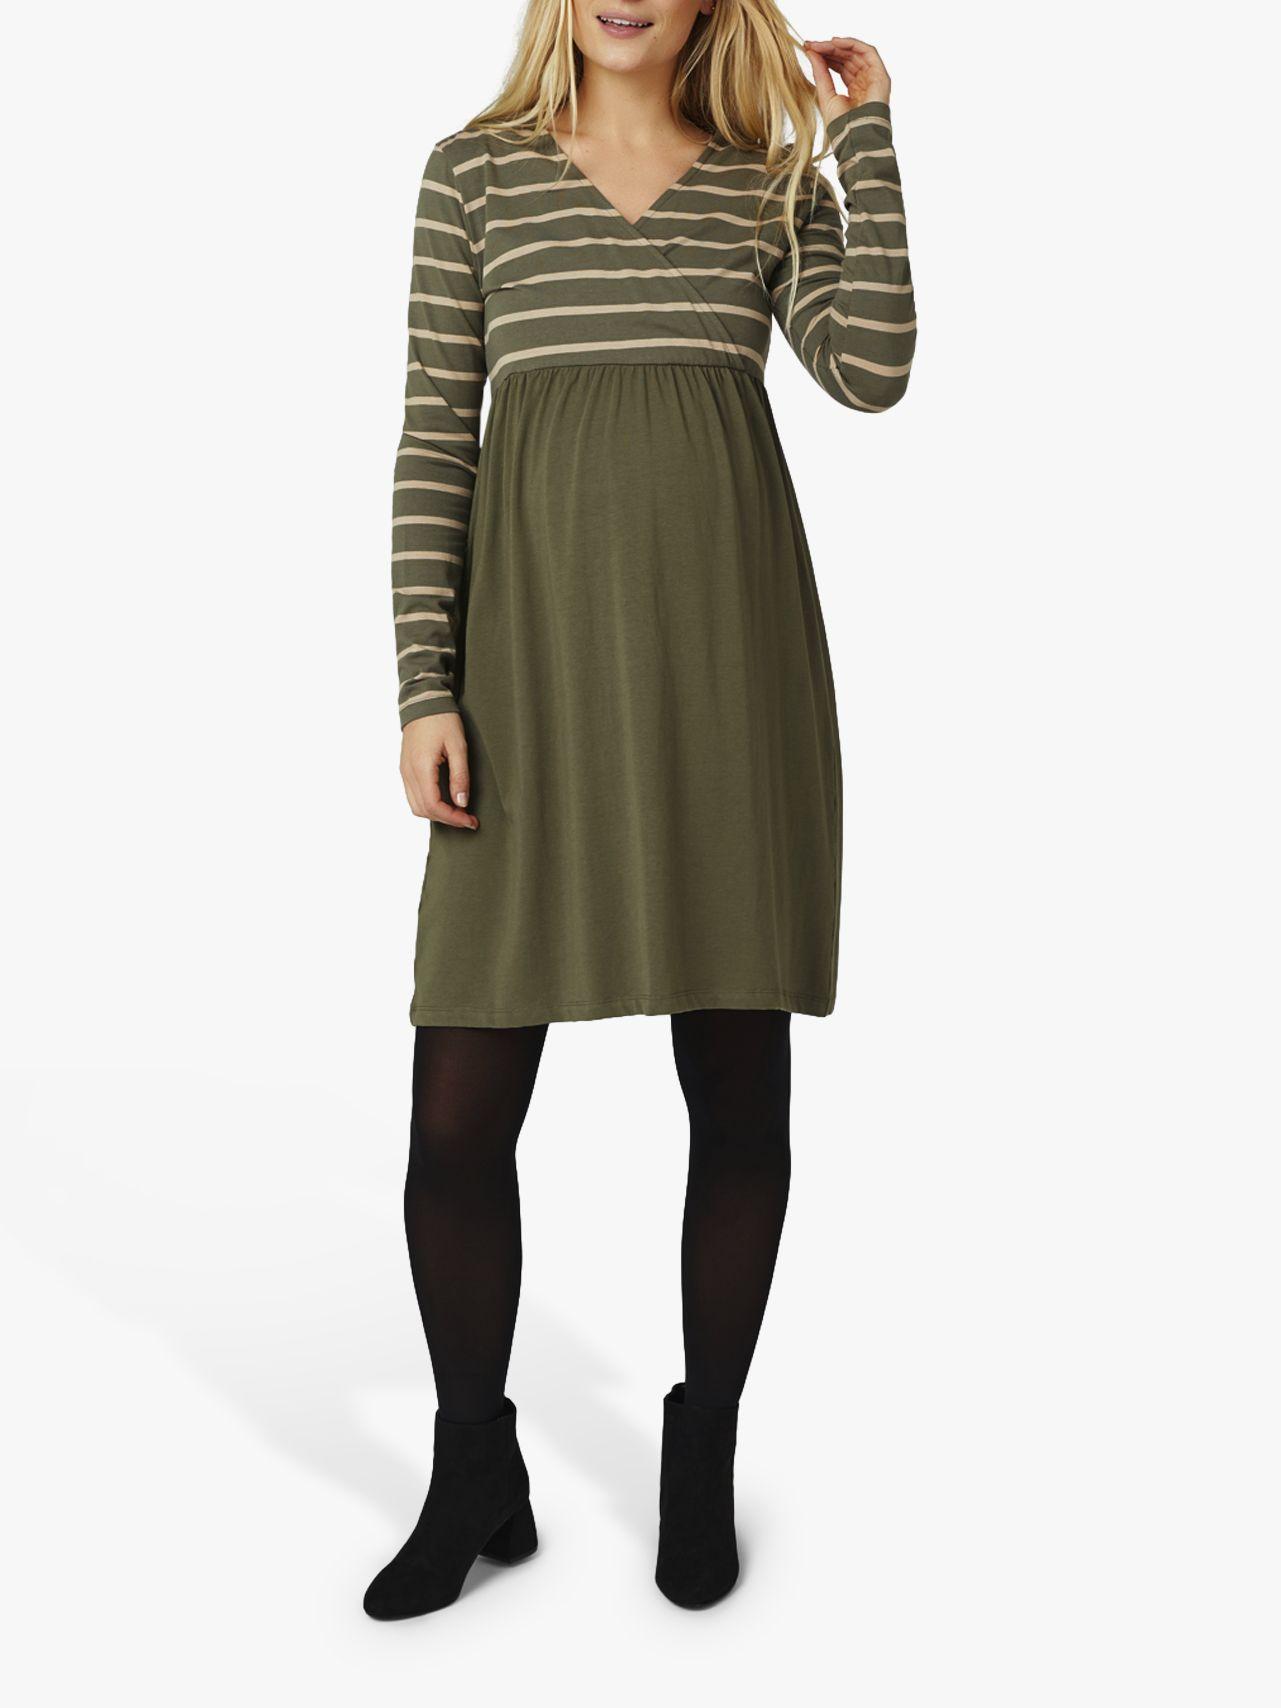 Mamalicious Mamalicious Madelleine Tess Stripe Jersey Maternity Dress, Dusty Olive